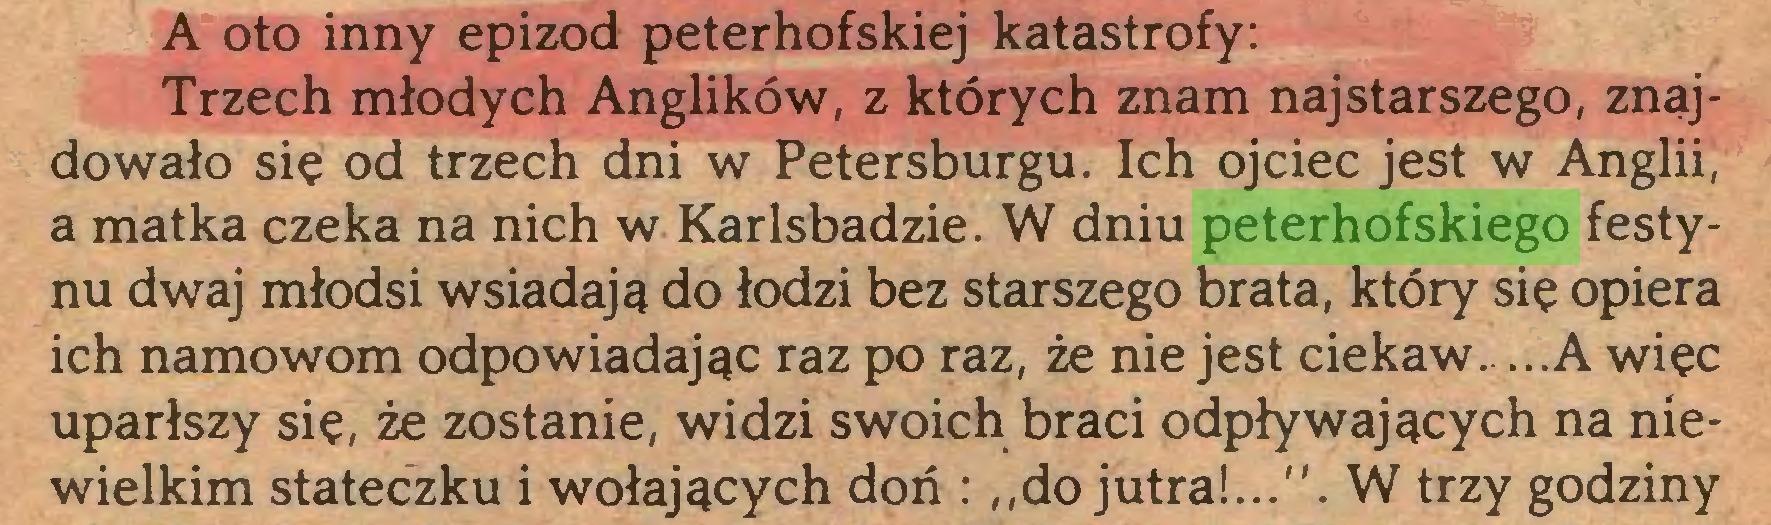 """(...) A oto inny epizod peterhofskiej katastrofy: Trzech młodych Anglików, z których znam najstarszego, znajdowało się od trzech dni w Petersburgu. Ich ojciec jest w Anglii, a matka czeka na nich w Karlsbadzie. W dniu peterhofskiego festynu dwaj młodsi wsiadają do łodzi bez starszego brata, który się opiera ich namowom odpowiadając raz po raz, że nie jest ciekaw. ...A więc uparłszy się, że zostanie, widzi swoich braci odpływających na niewielkim stateczku i wołających doń : ,,do jutra!..."""". W trzy godziny..."""